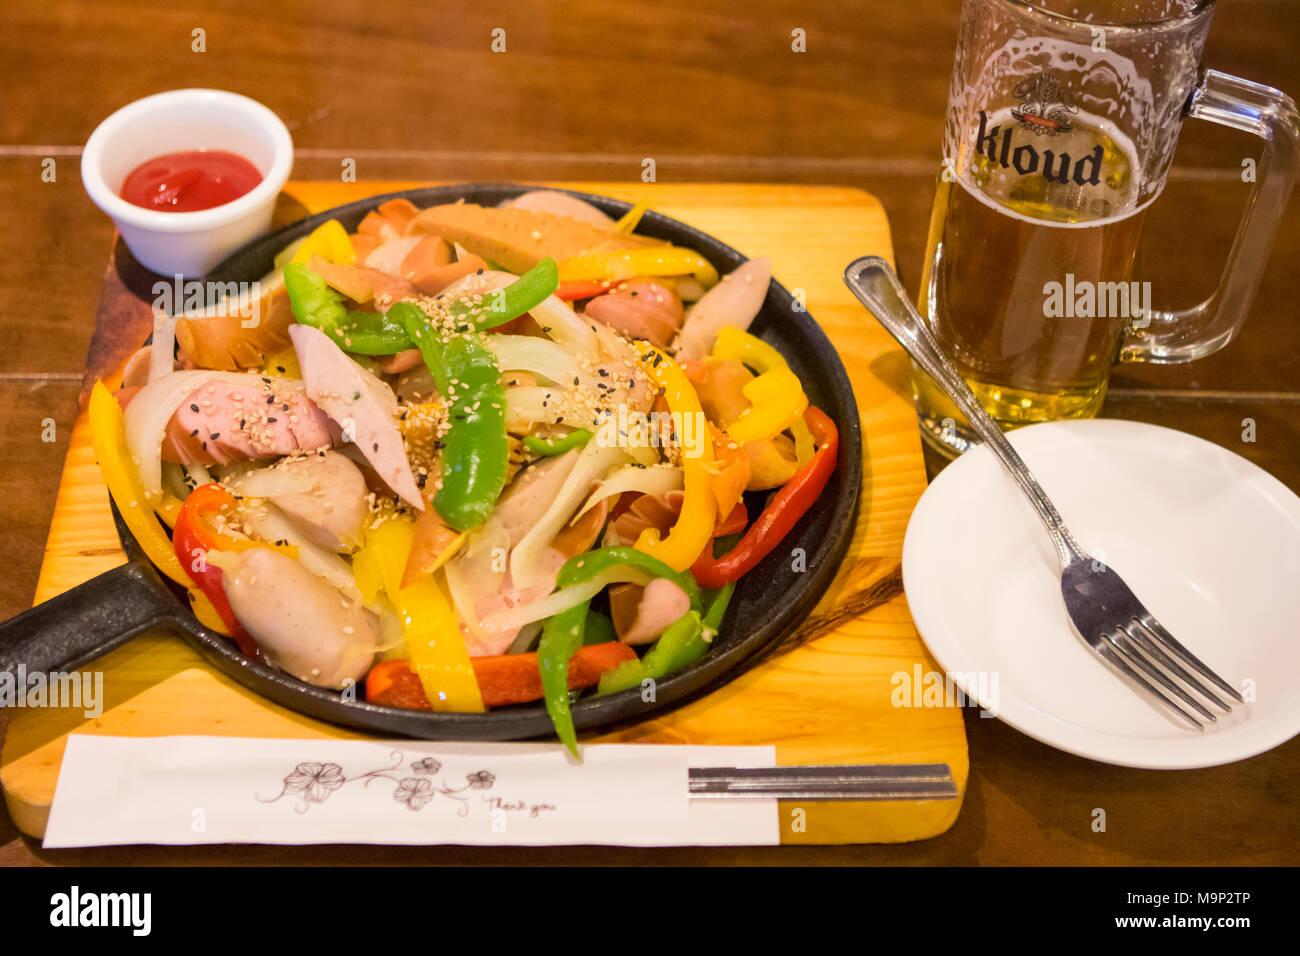 Un plat typique de la Corée du Sud pour manger avec de la bière, après le ski: saucisses grillées et les poivrons doux. L'Alpensia Resort est une station de ski et une attraction touristique. Il est situé sur le territoire du canton de Daegwallyeong-myeon, dans le comté de Pyeongchang, hébergeant les Jeux Olympiques d'hiver en février 2018. La station de ski est à environ 2,5 heures à partir de l'aéroport d'Incheon à Séoul ou en voiture, tous principalement d'autoroute. Alpensia possède six pistes de ski et snowboard, avec fonctionne jusqu'à 1.4 km (0,87 mi) long, pour les débutants et les skieurs avancés, et une zone réservée pour les snowboarders. Bien que le resort Banque D'Images